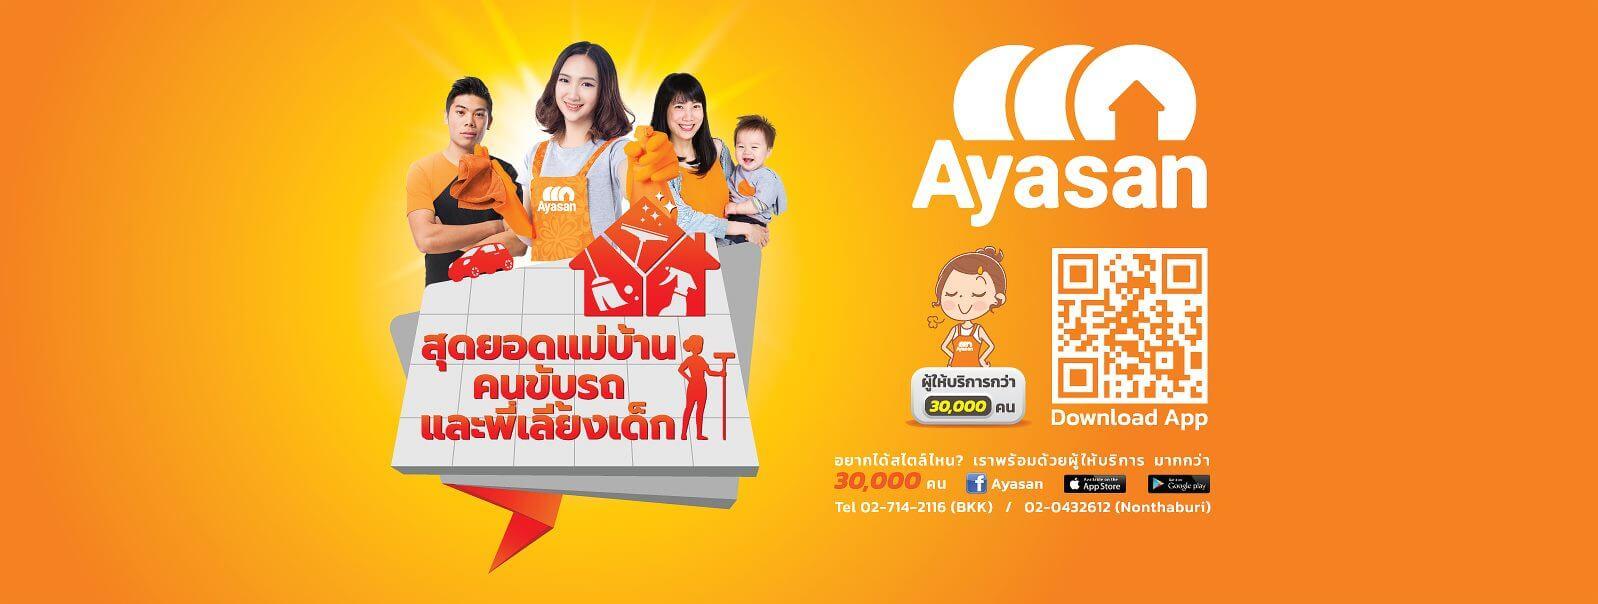 Ayasan เรียกแม่บ้านง่ายๆ แค่คลิ้กเดียว